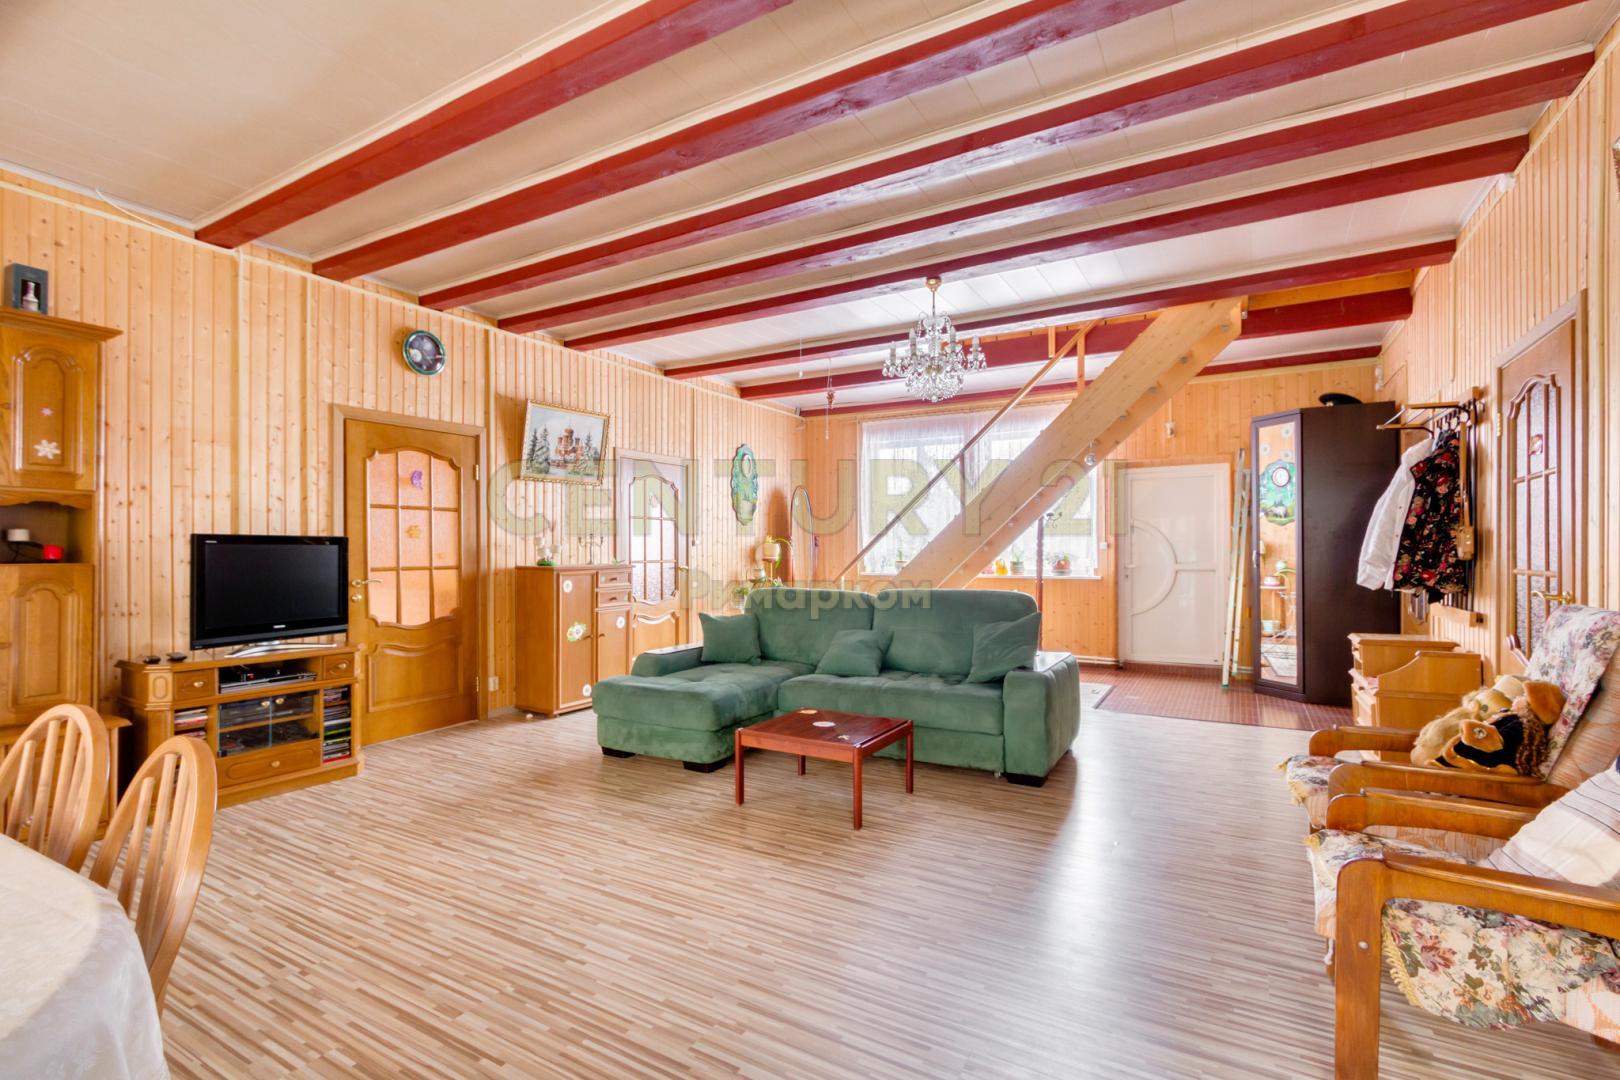 Продам дом по адресу Россия, Троицкий административный округ, Каменка фото 9 по выгодной цене